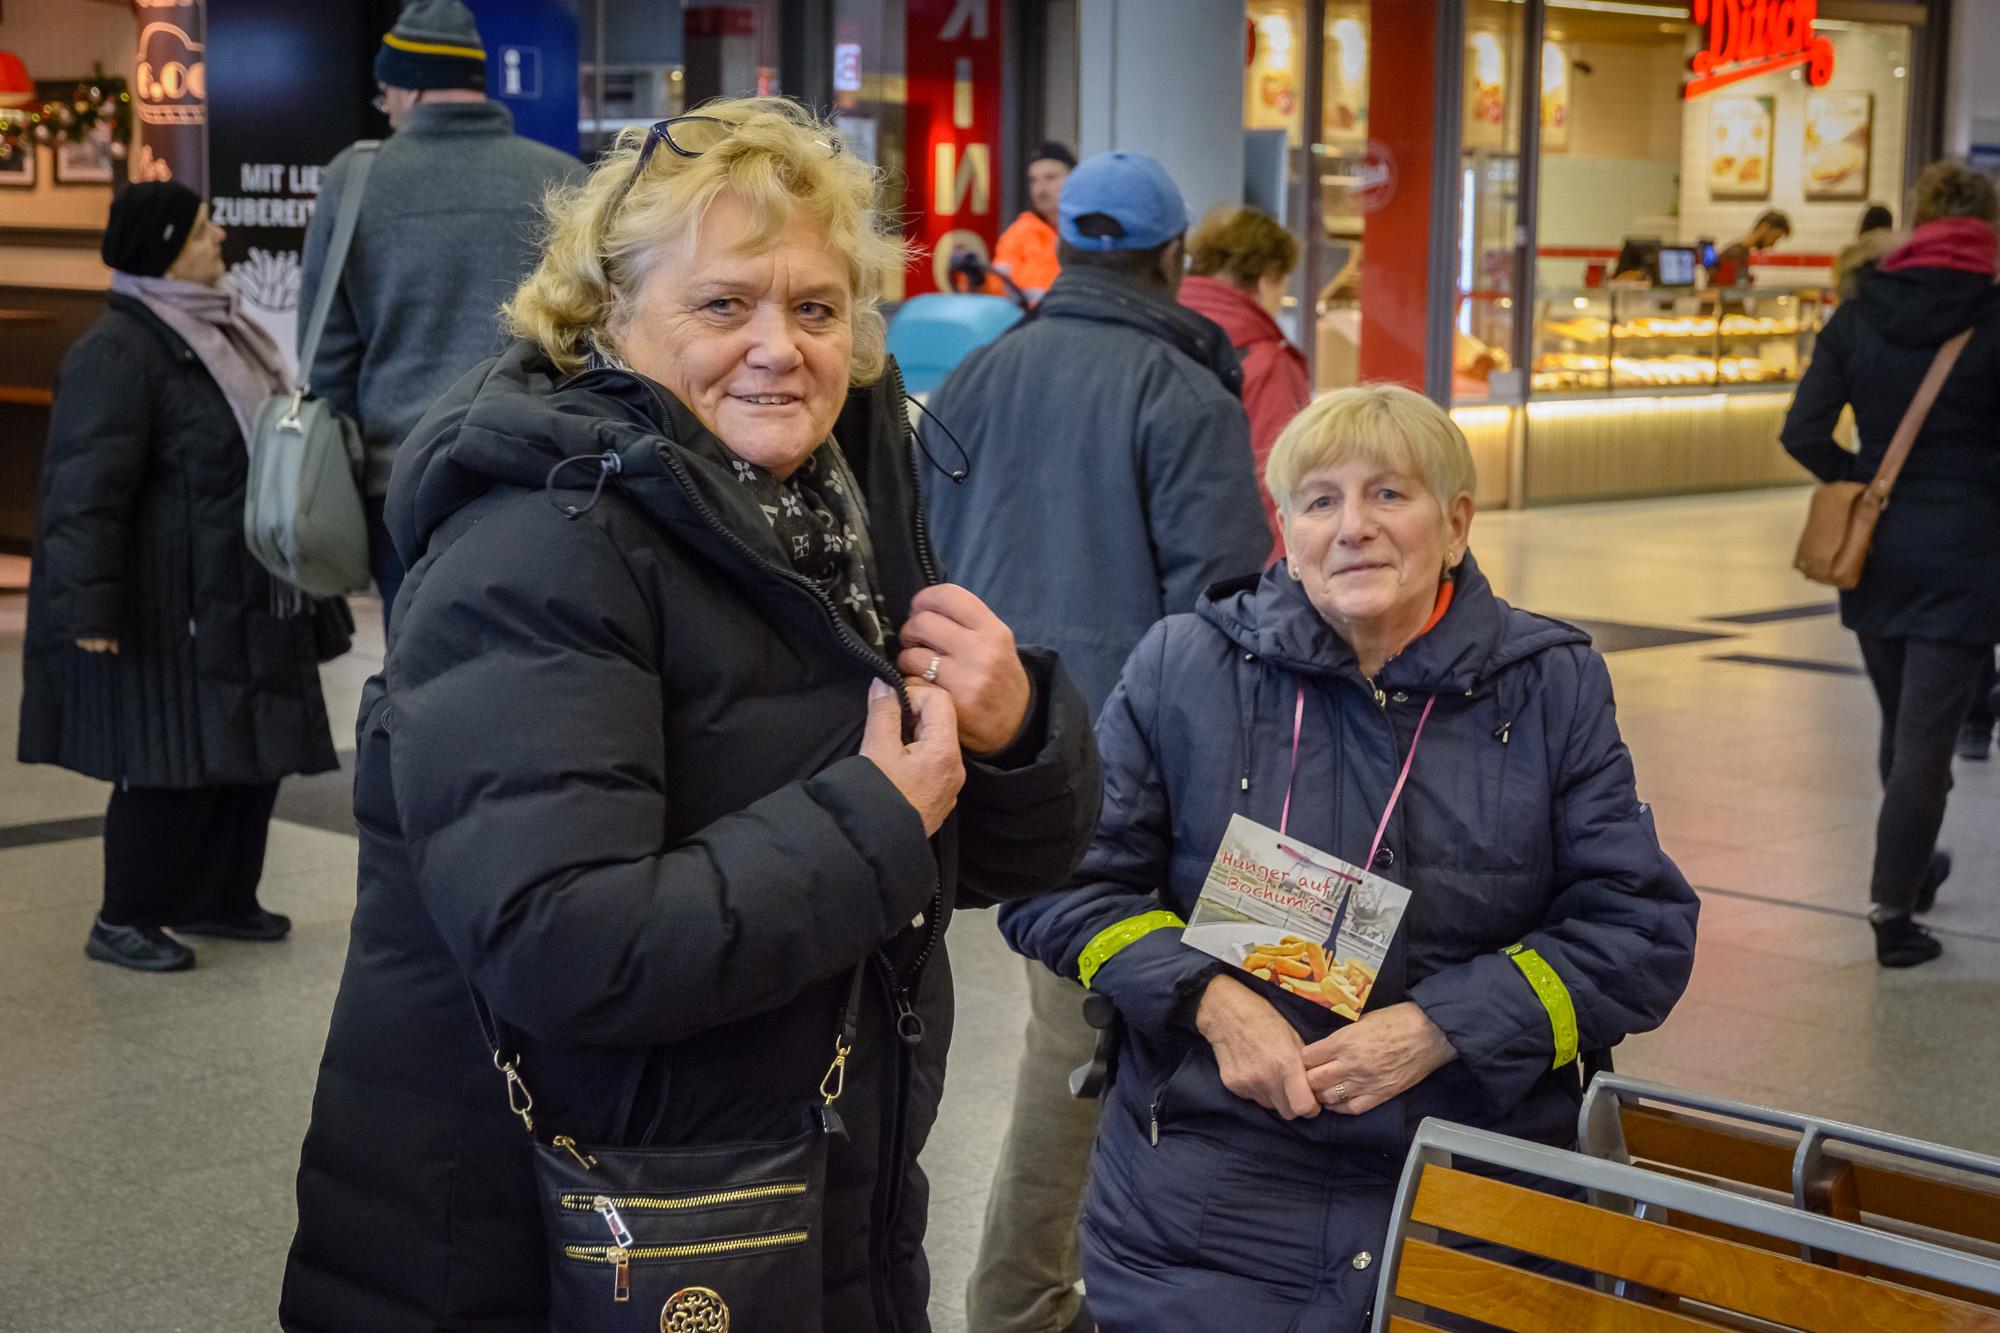 Schön war's: Bürgerreporter treffen sich in Bochum